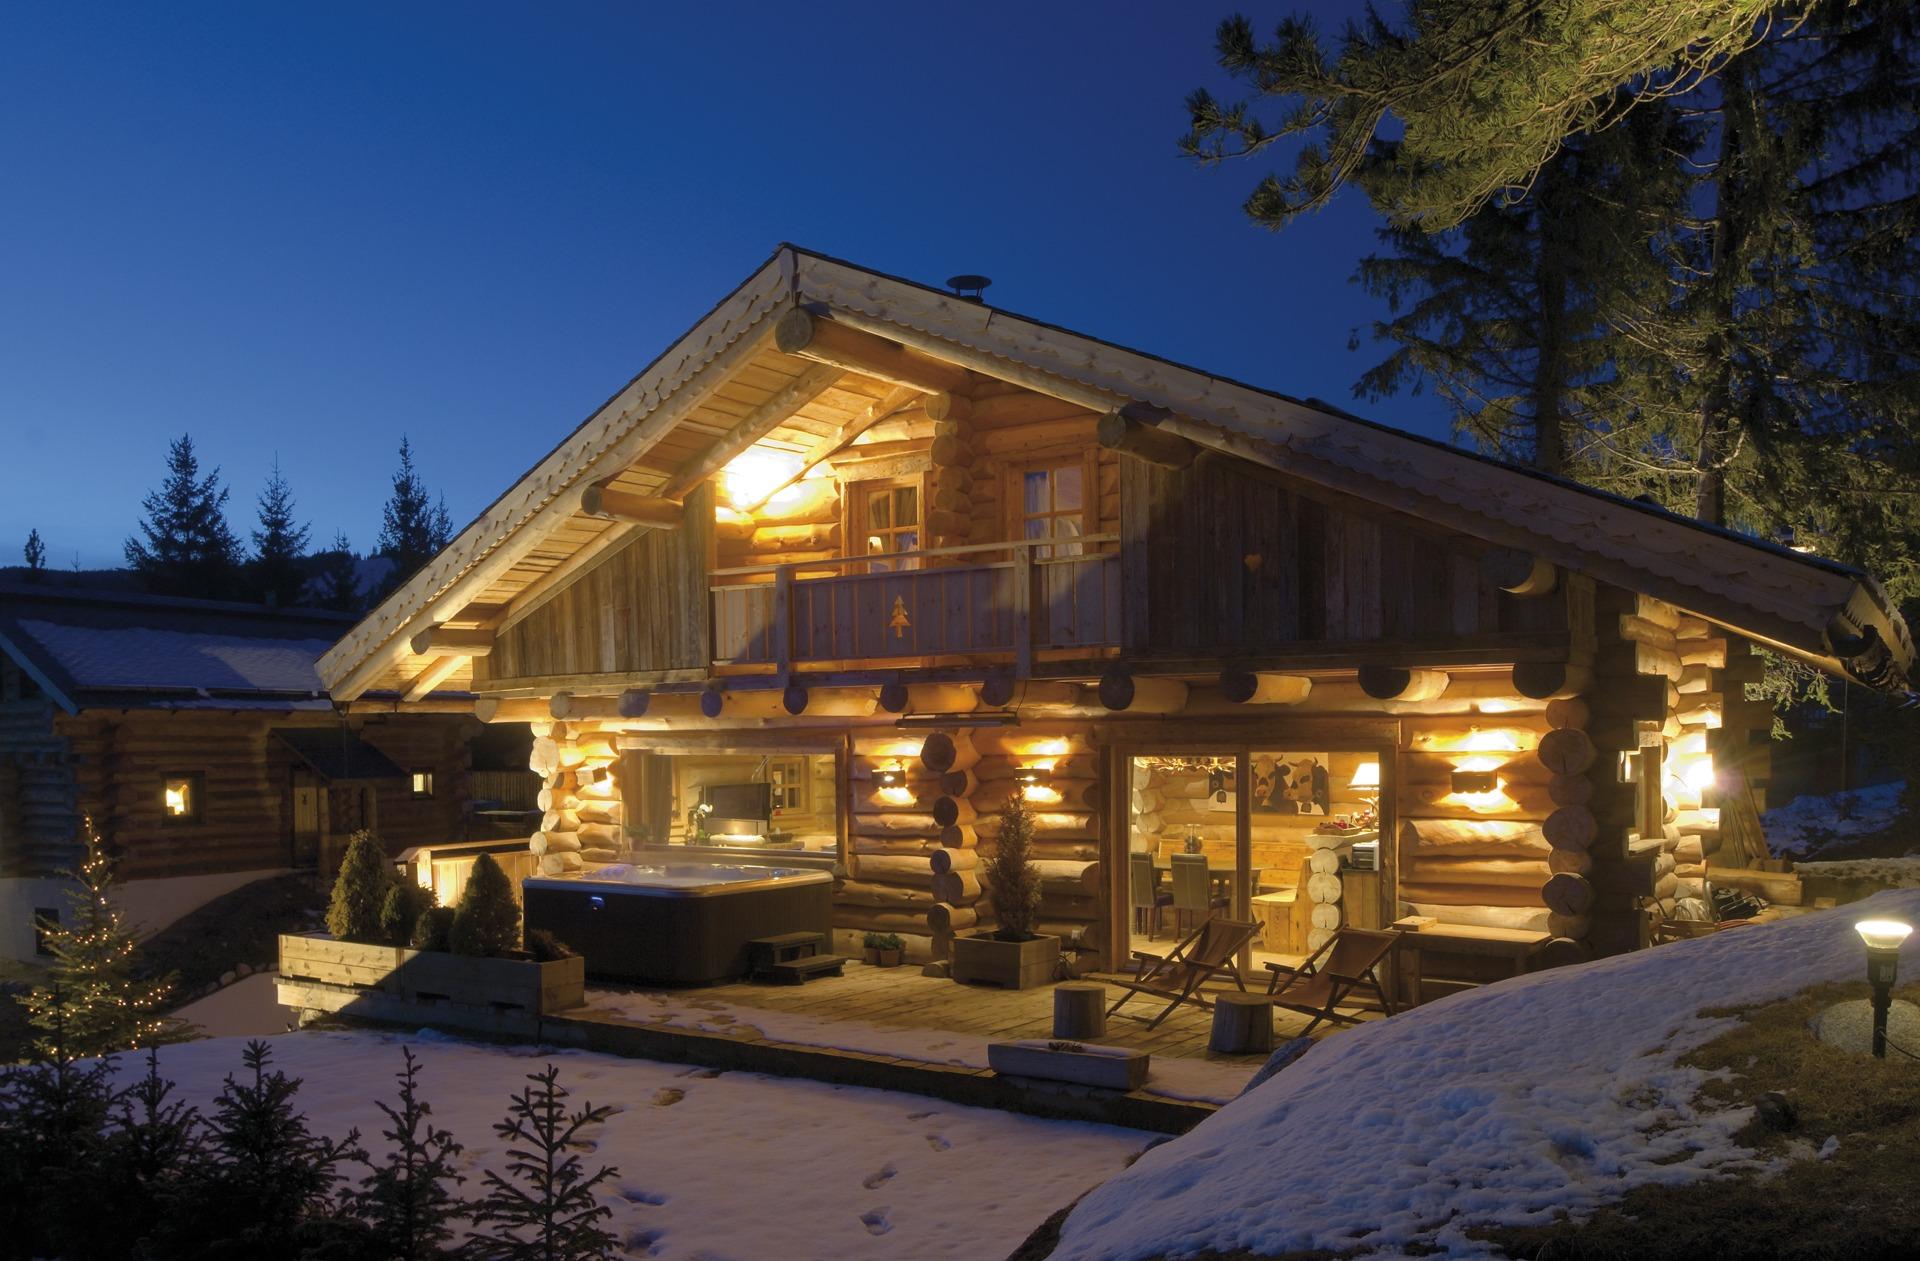 Chalet De Montagne En Bois - Chalets Nordika constructeur bois,à Bolqu u00e8re, Pyrénées 2000, Font Romeu, Les Angles Vente de